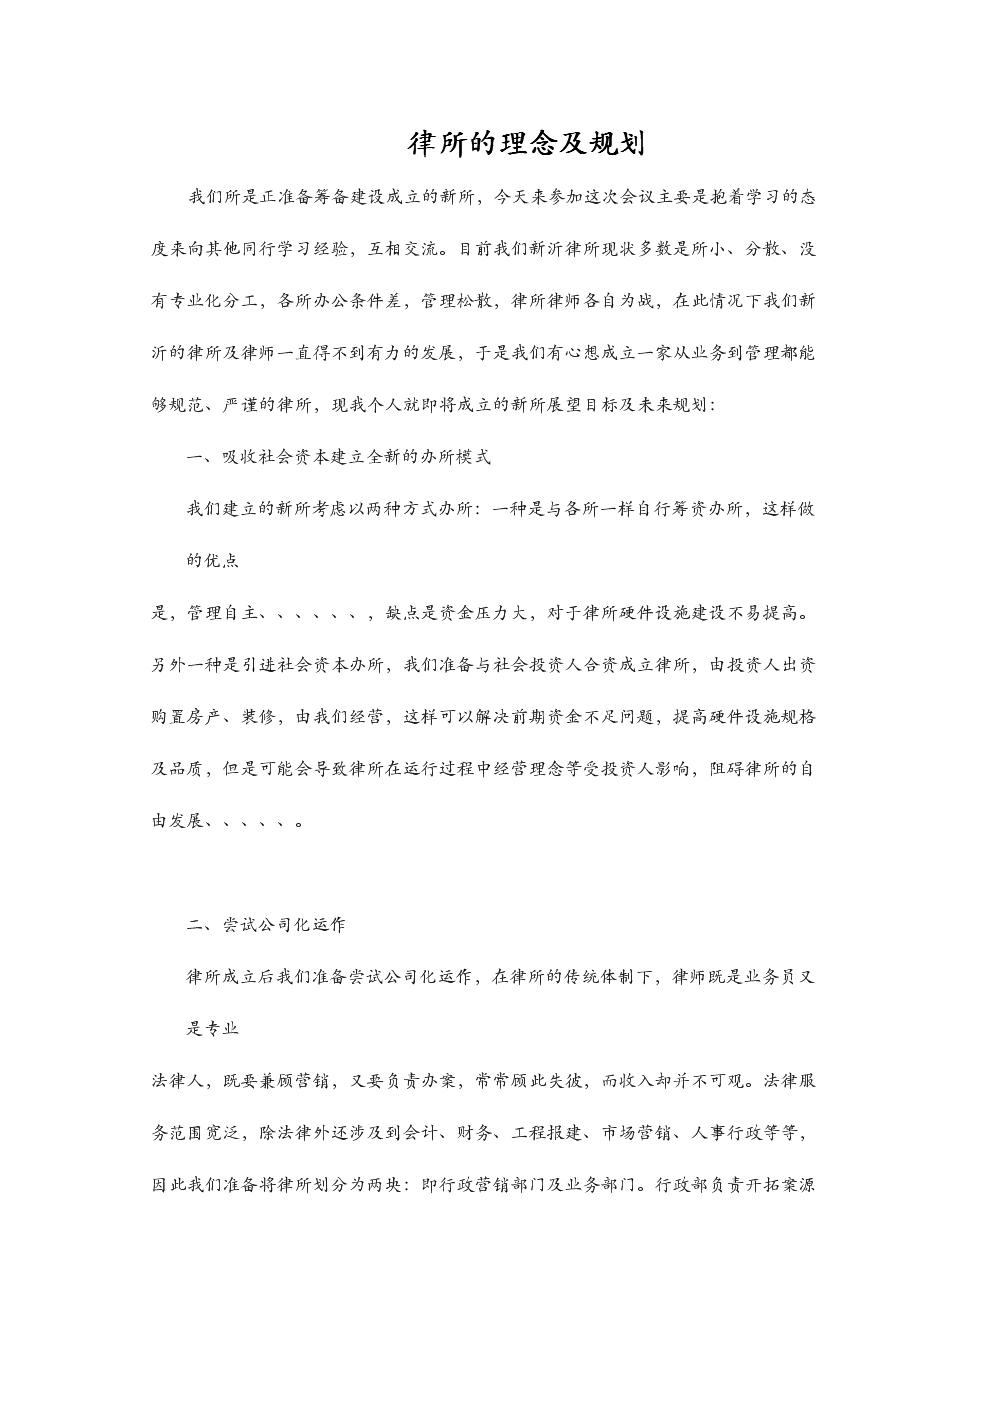 律所的理念及规划.doc